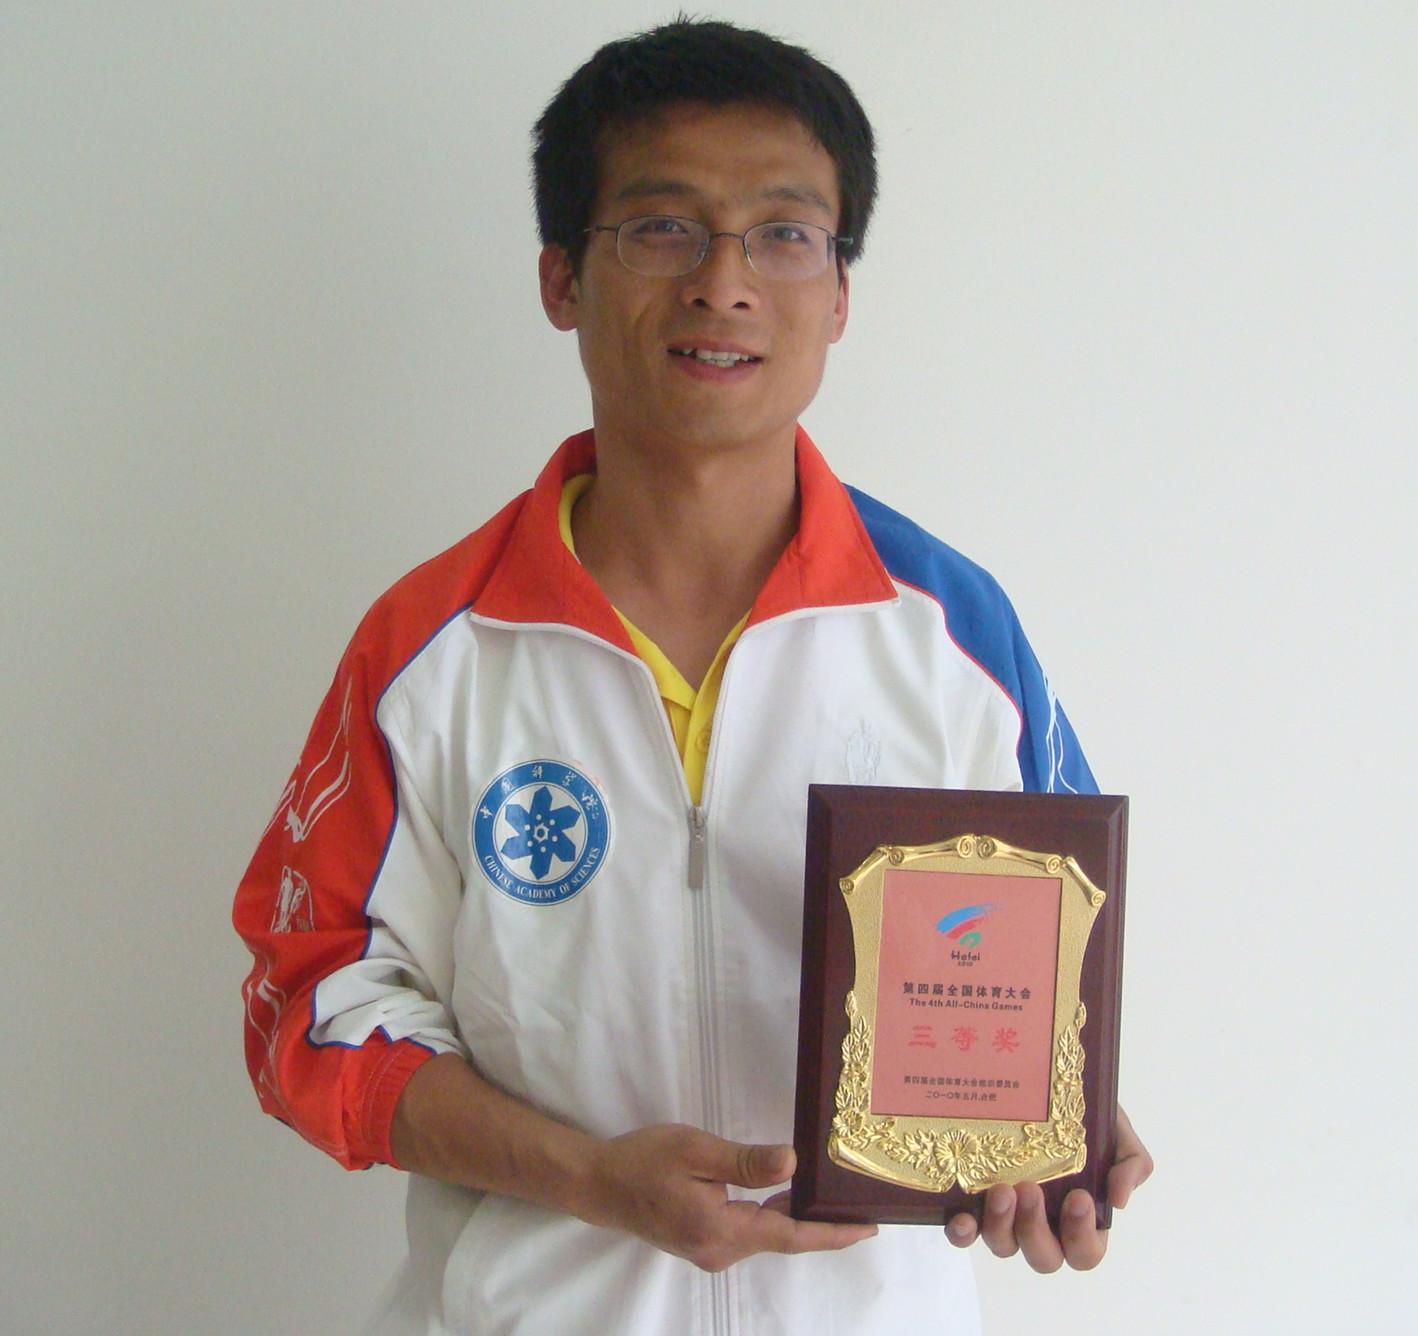 2013扬州国际马拉松_挑战马拉松,塑造文体科大